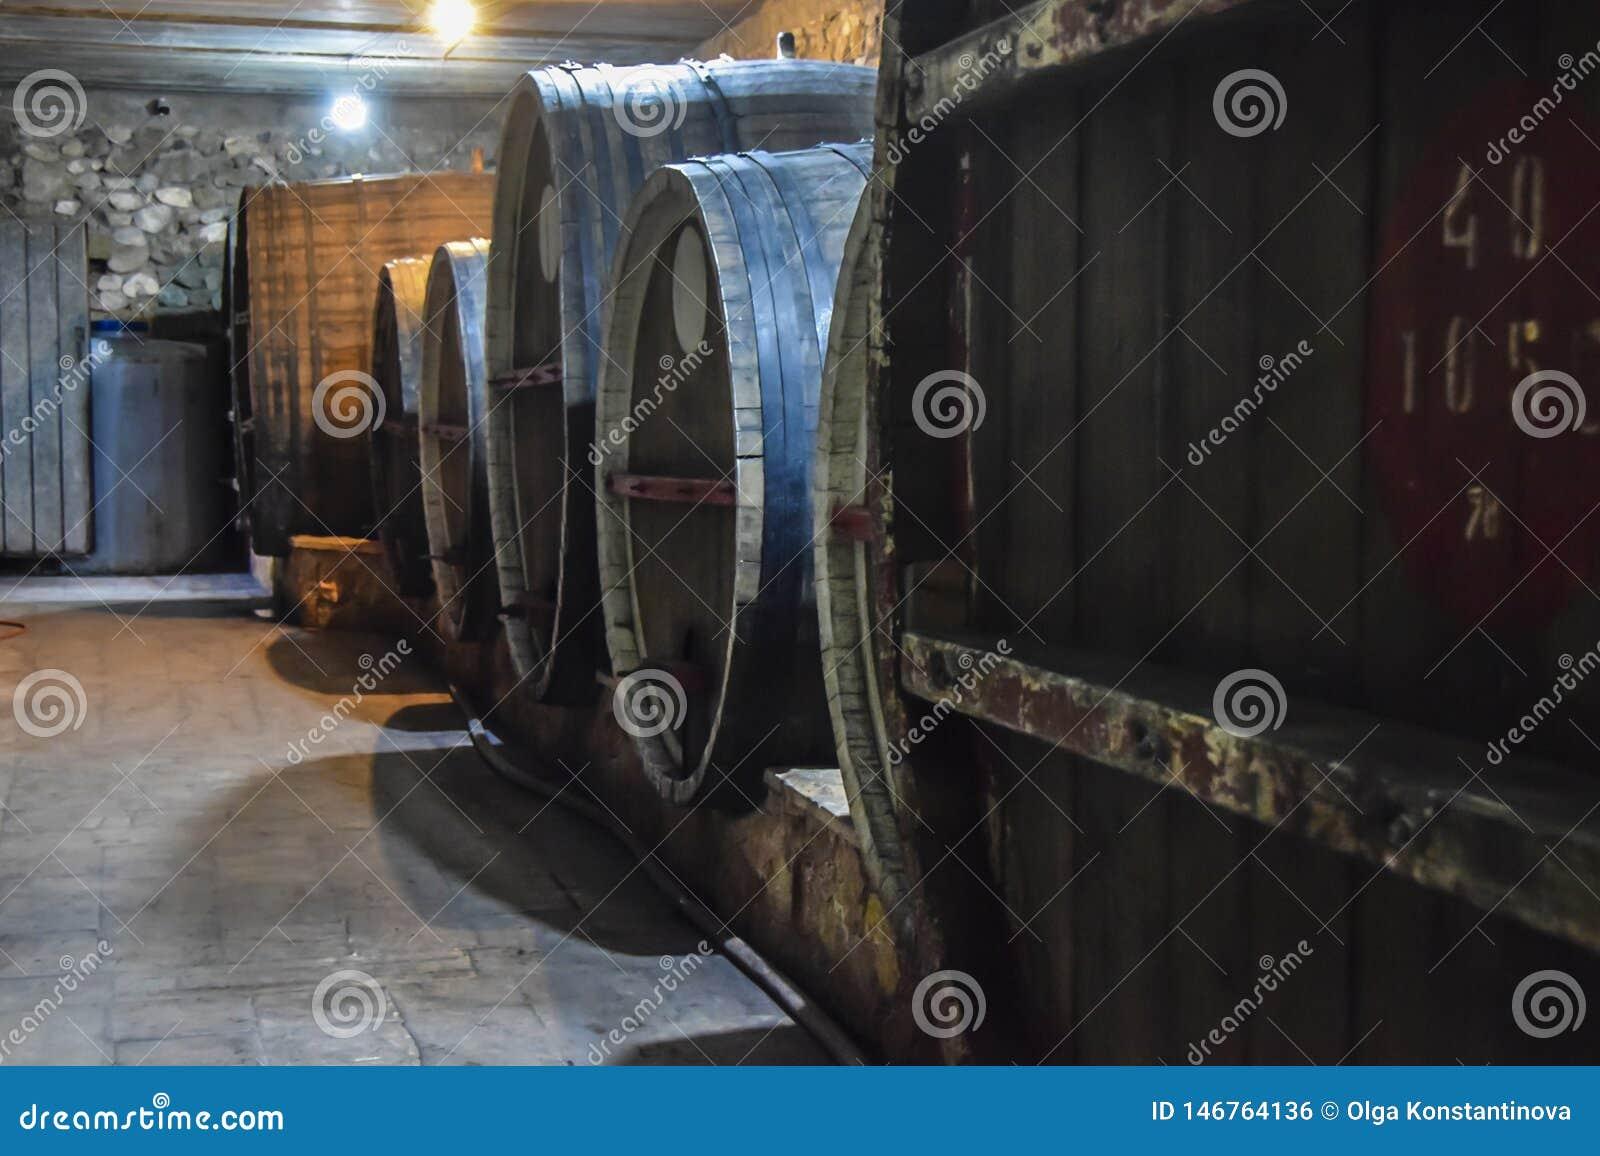 Tambores das garrafas de vidro de adega de vinho escuros e úmidos